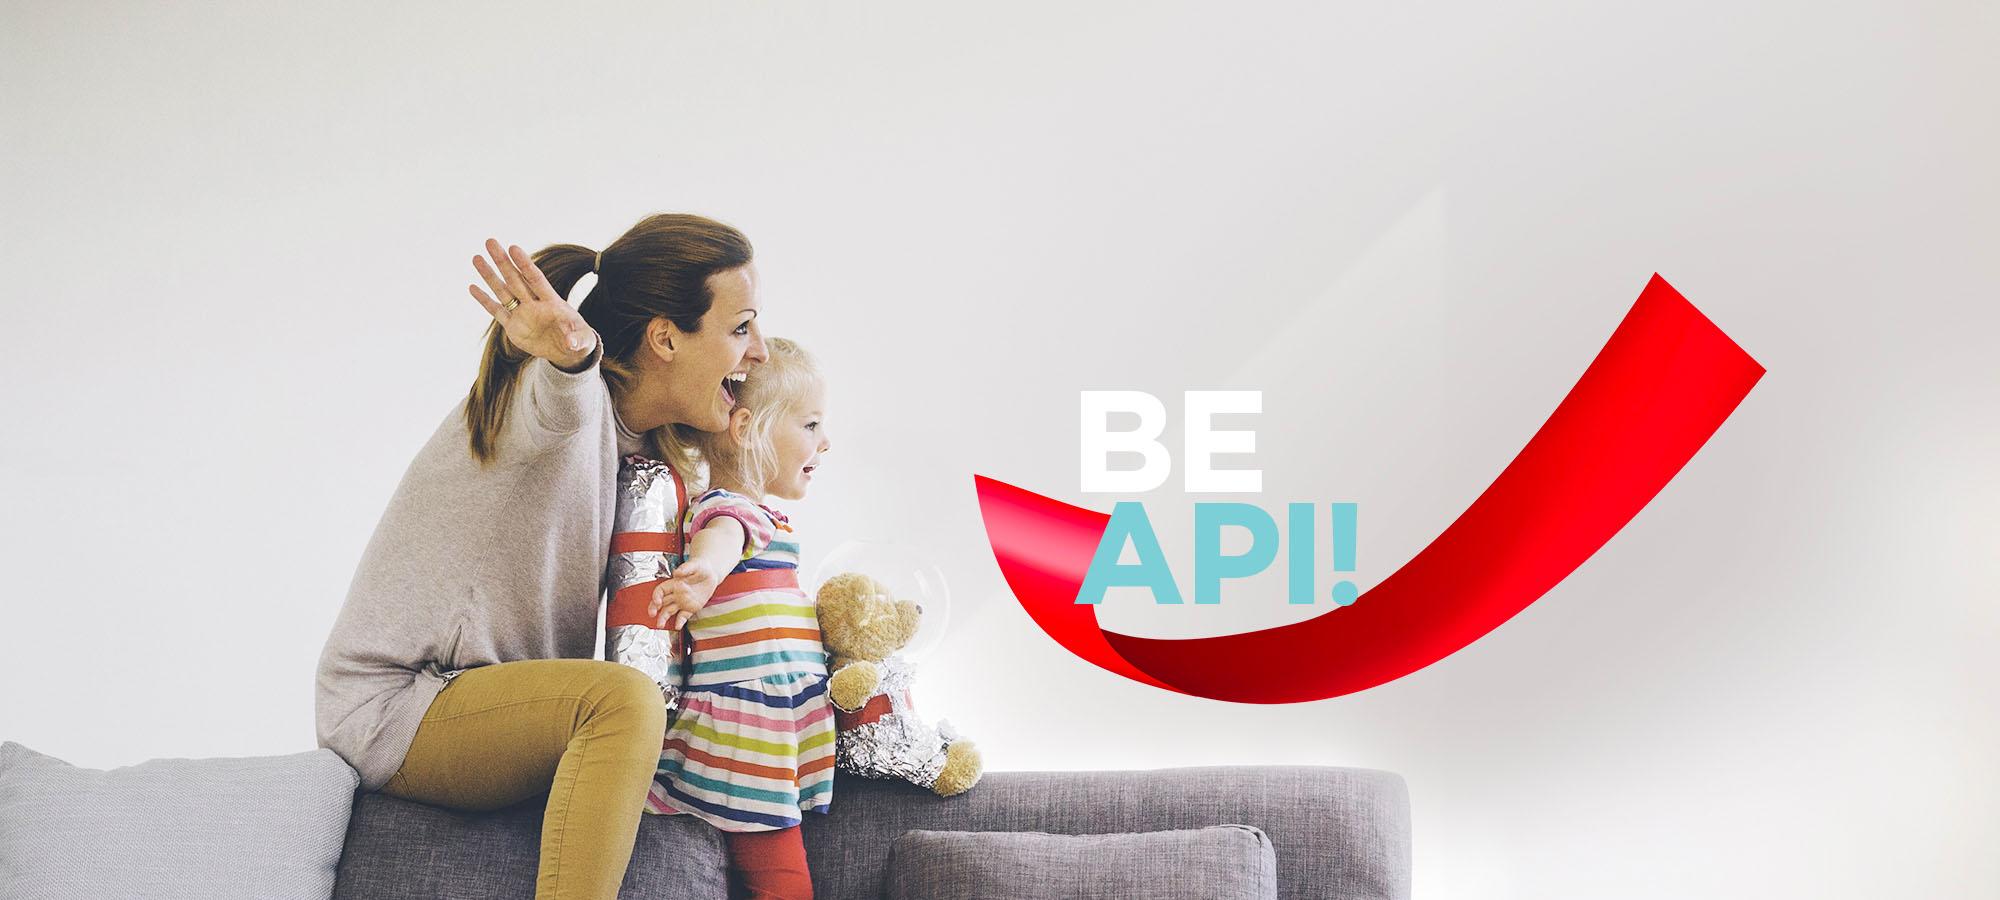 BE API!